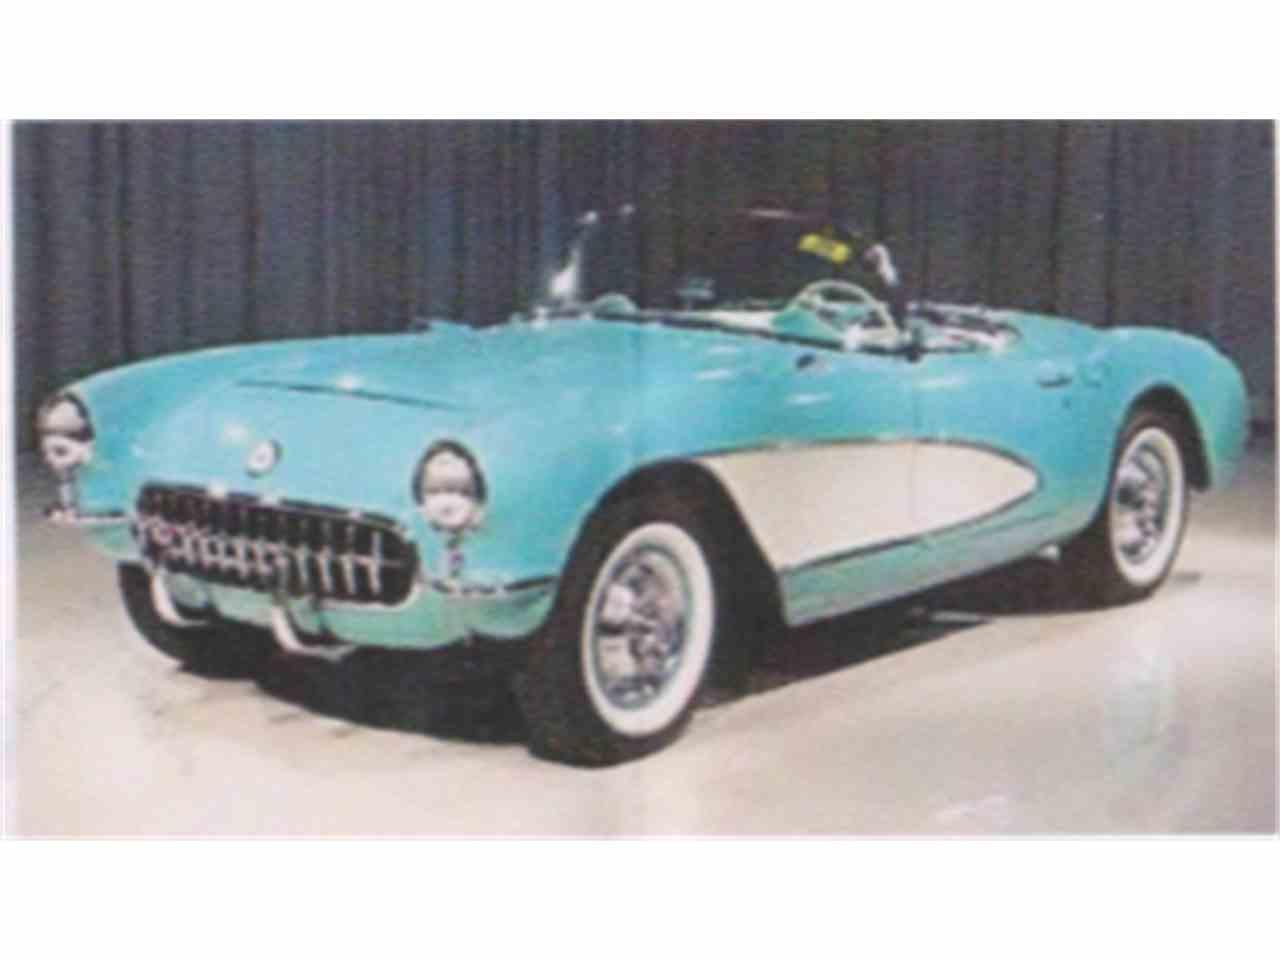 Corvette For Sale >> 1957 Chevrolet Corvette For Sale Classiccars Com Cc 922544